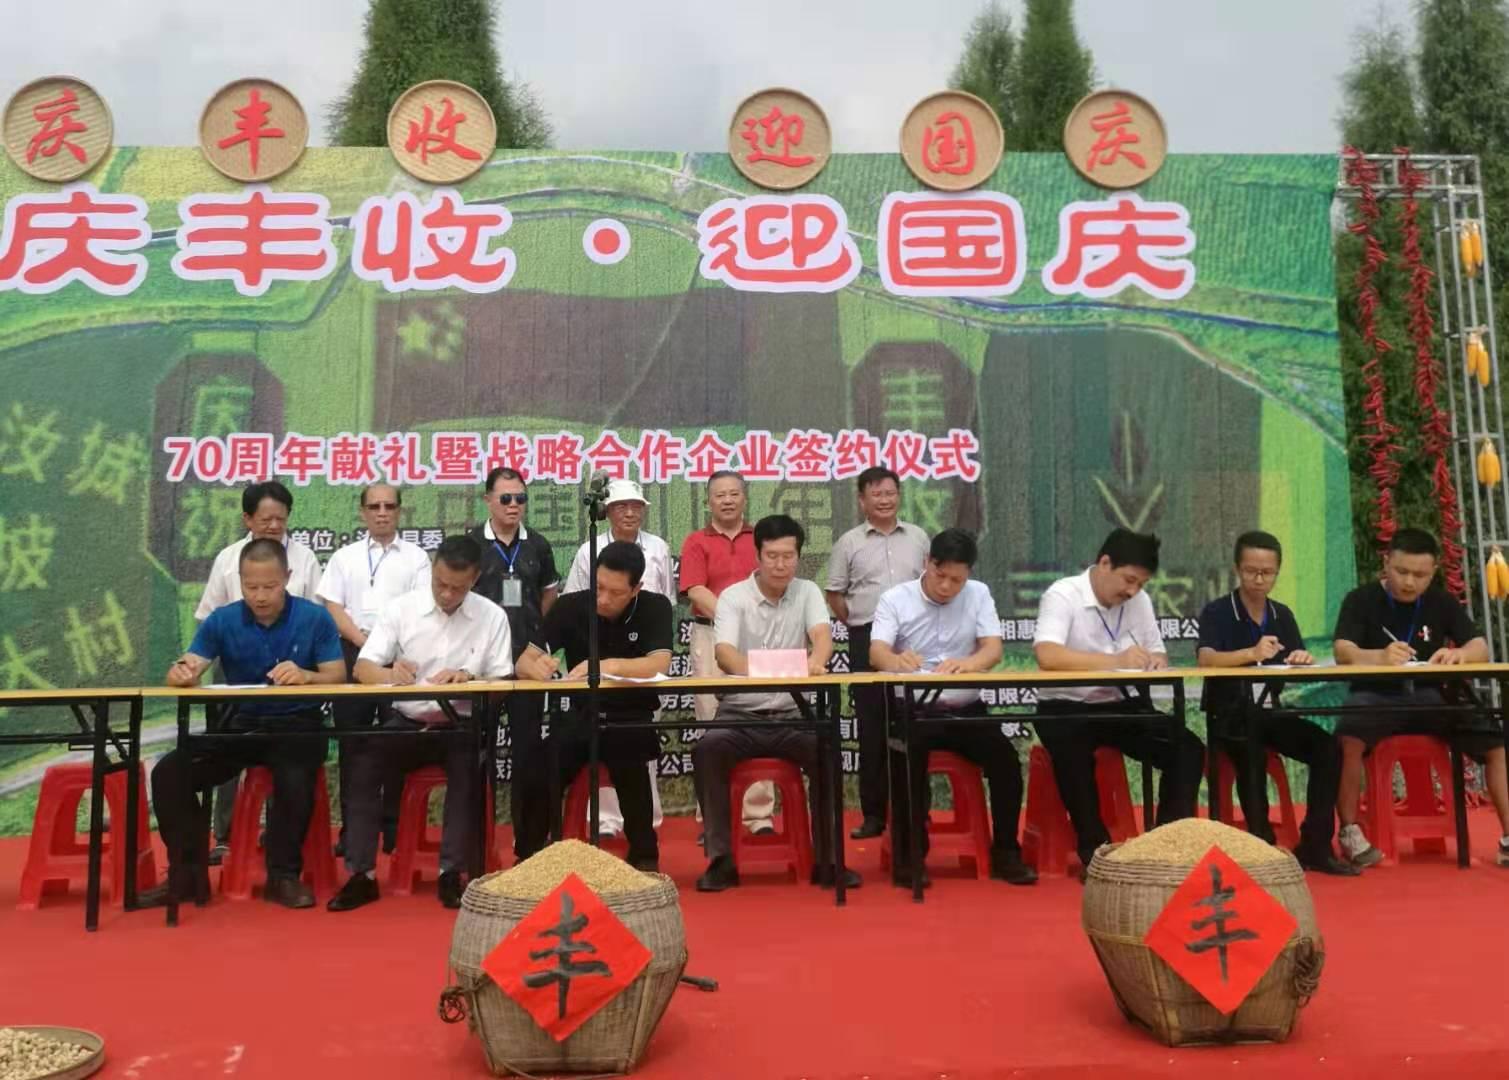 2019年中国(汝城)庆丰收迎国庆农民丰收节在汝城县举行